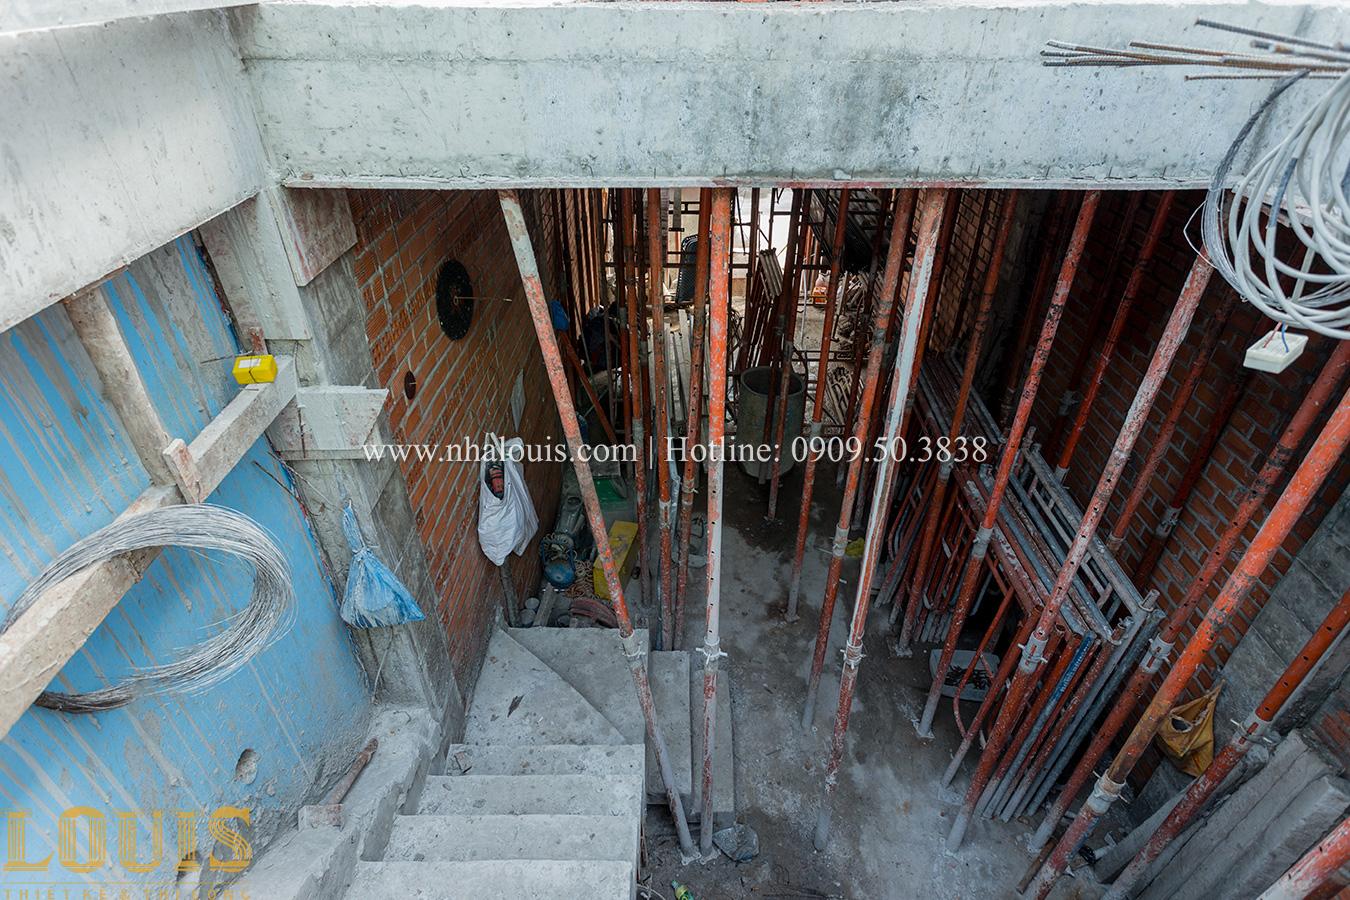 Thi công nhà tân cổ điển 4 tầng đẹp sang trọng tại Bình Tân